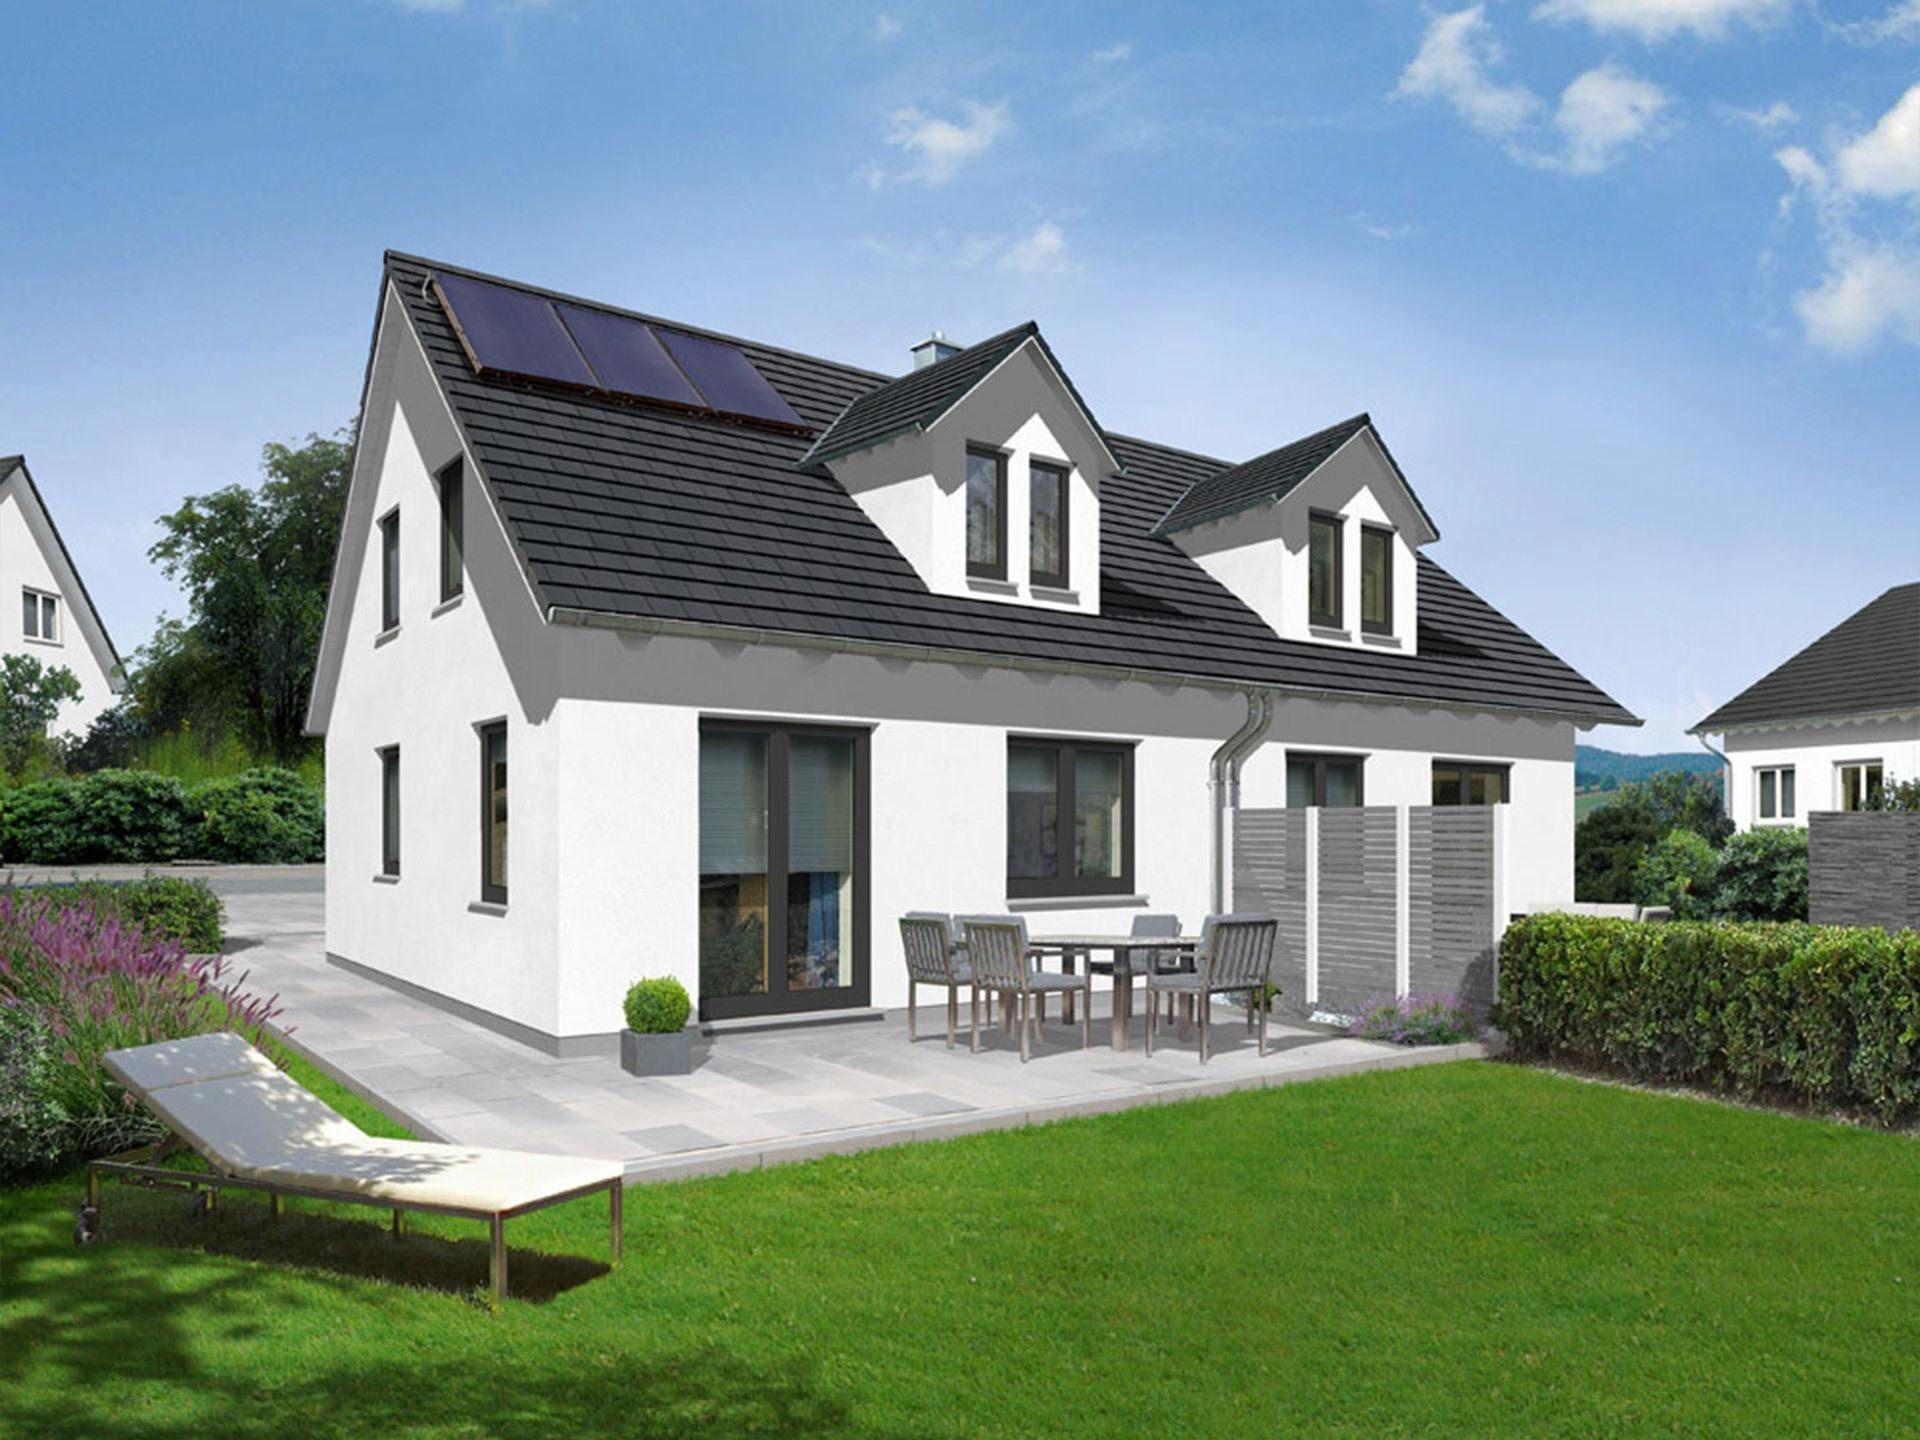 Doppelhaus Duett 115 • Bausatzhaus von ProHaus • Hübsches